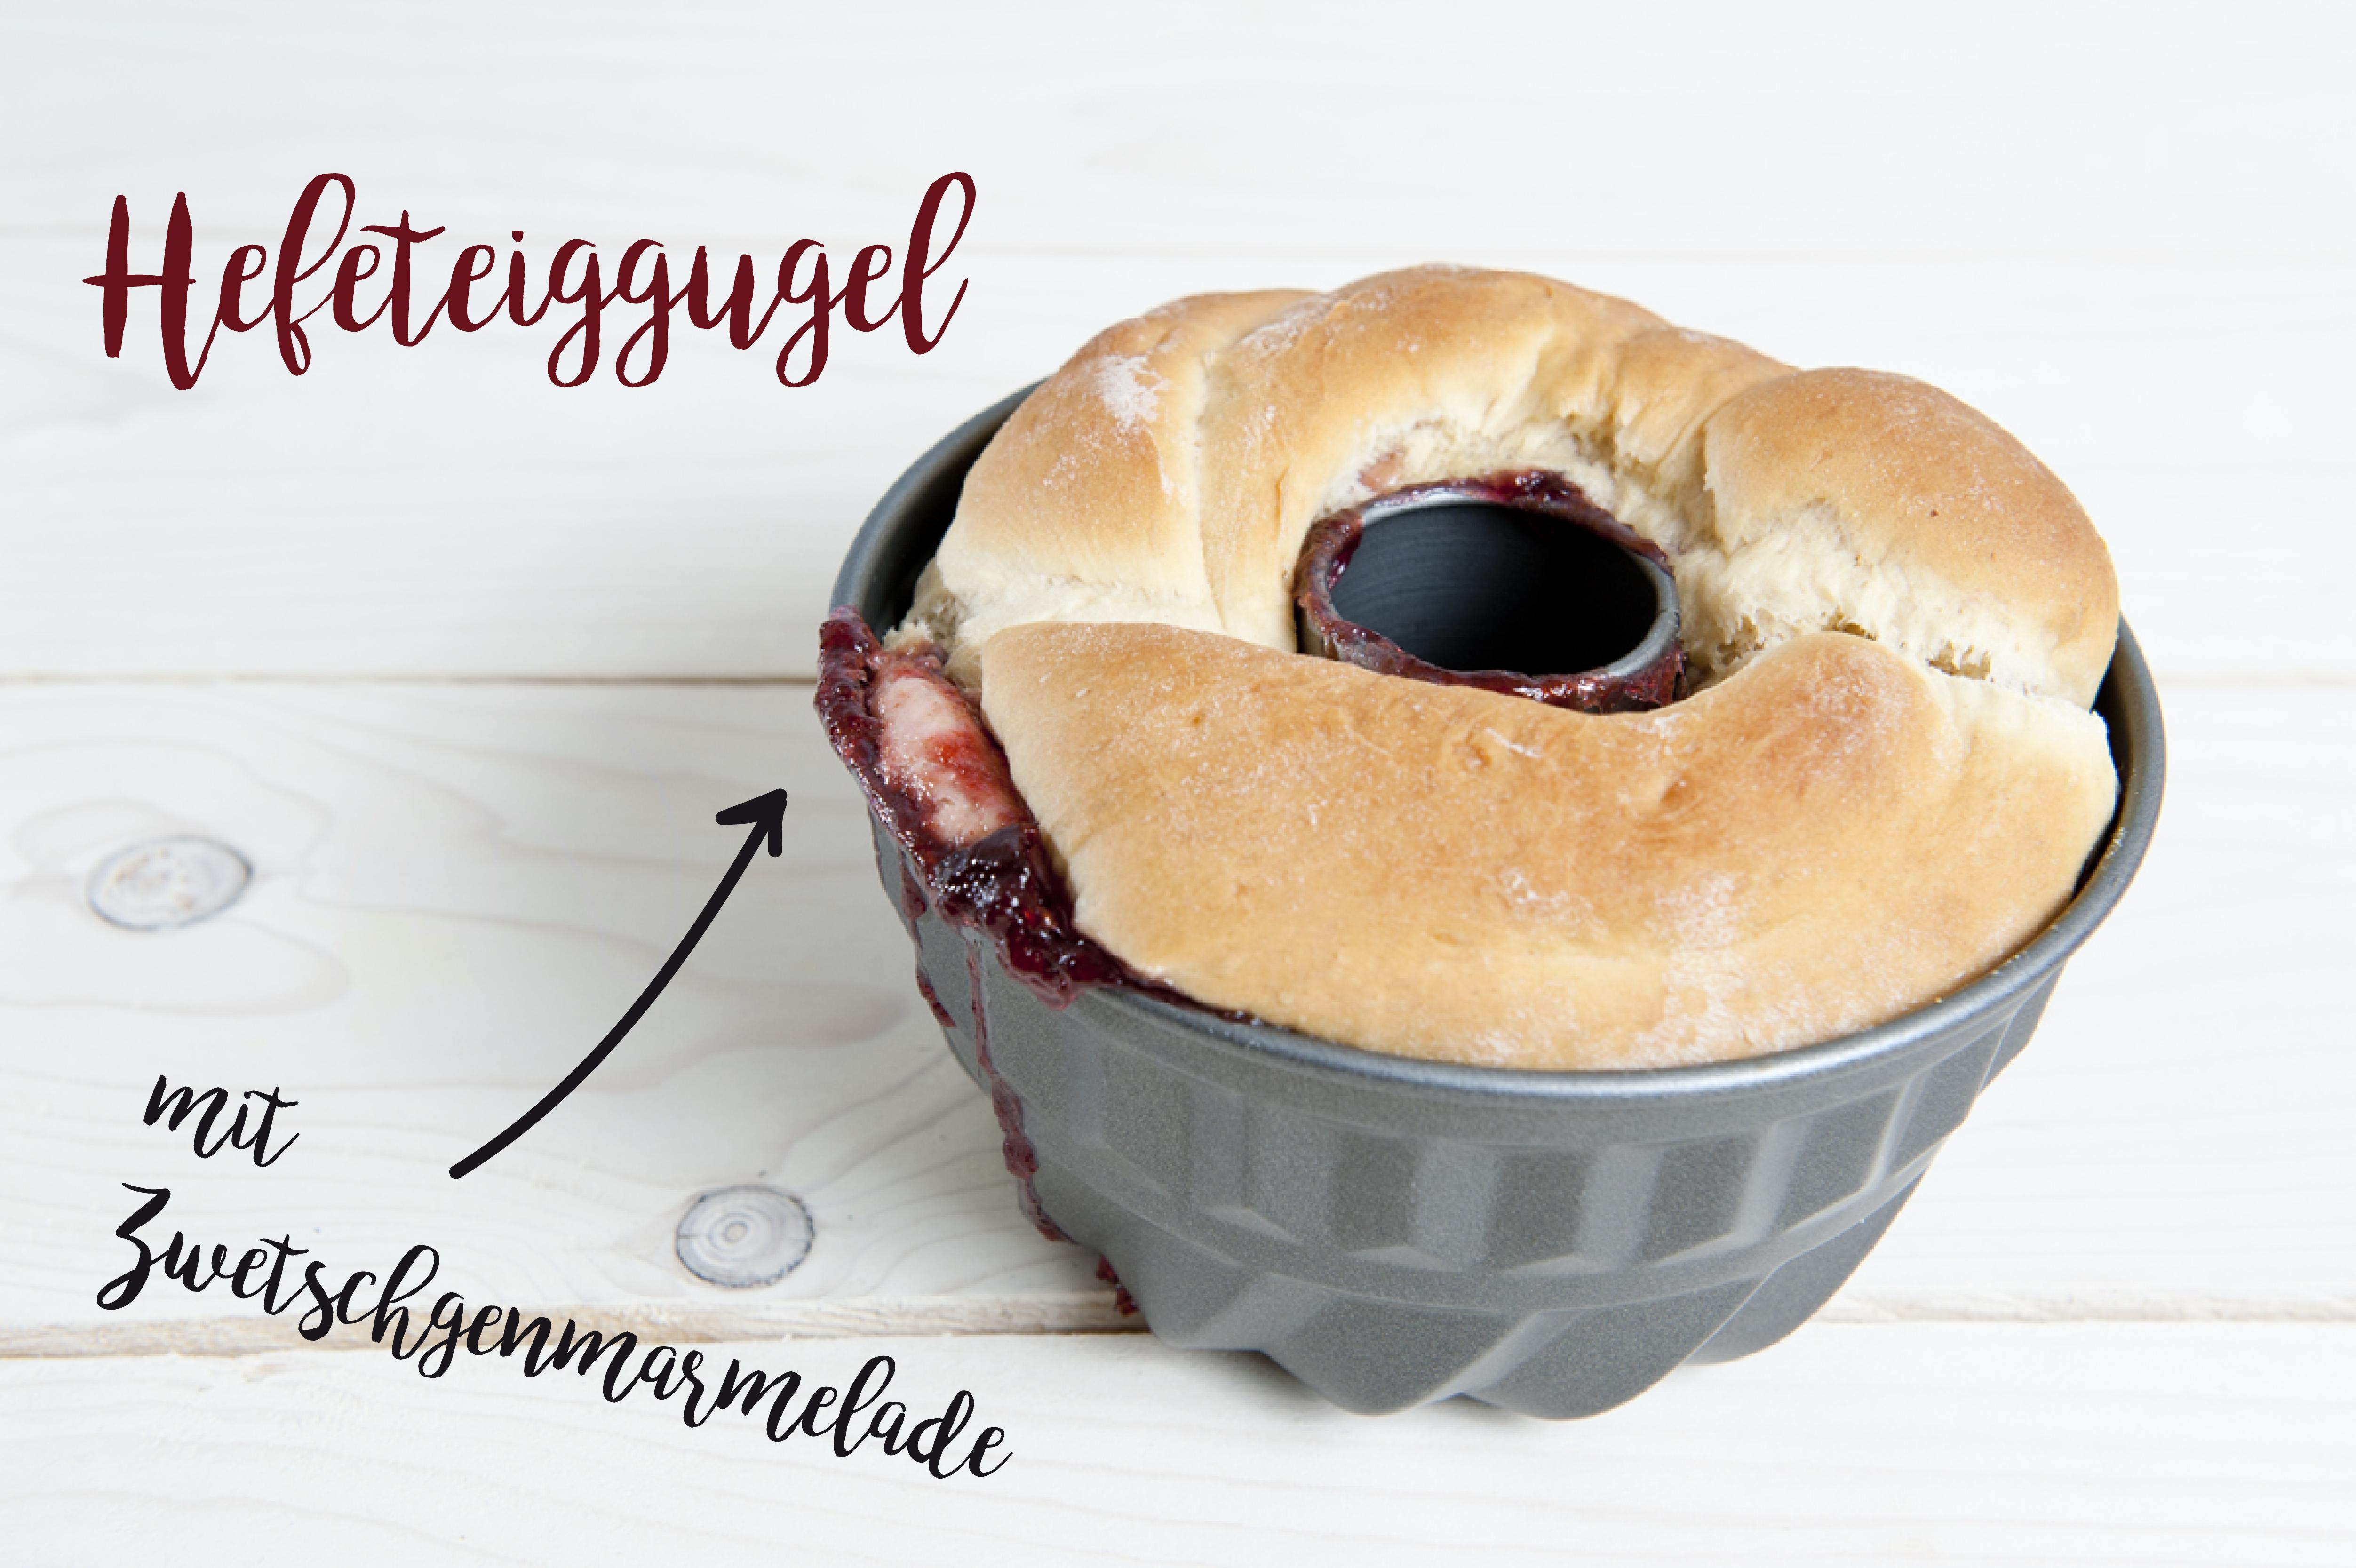 Der Kuchen in der Gugelhupf-Form... Man sieht das Desaster nahen. :)